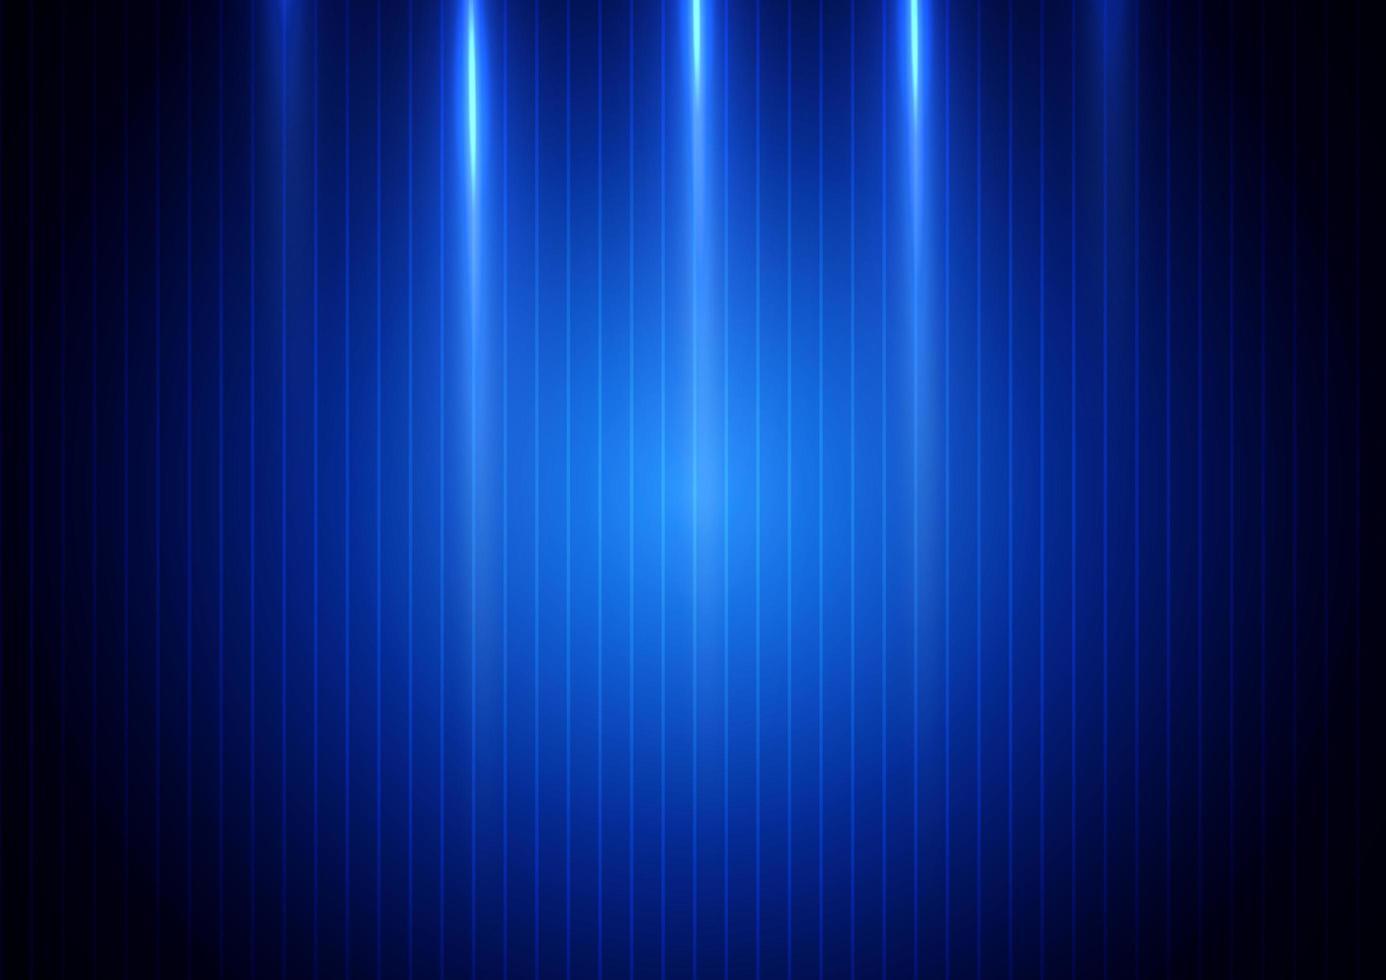 luce verticale blu su sfondo blu vettore